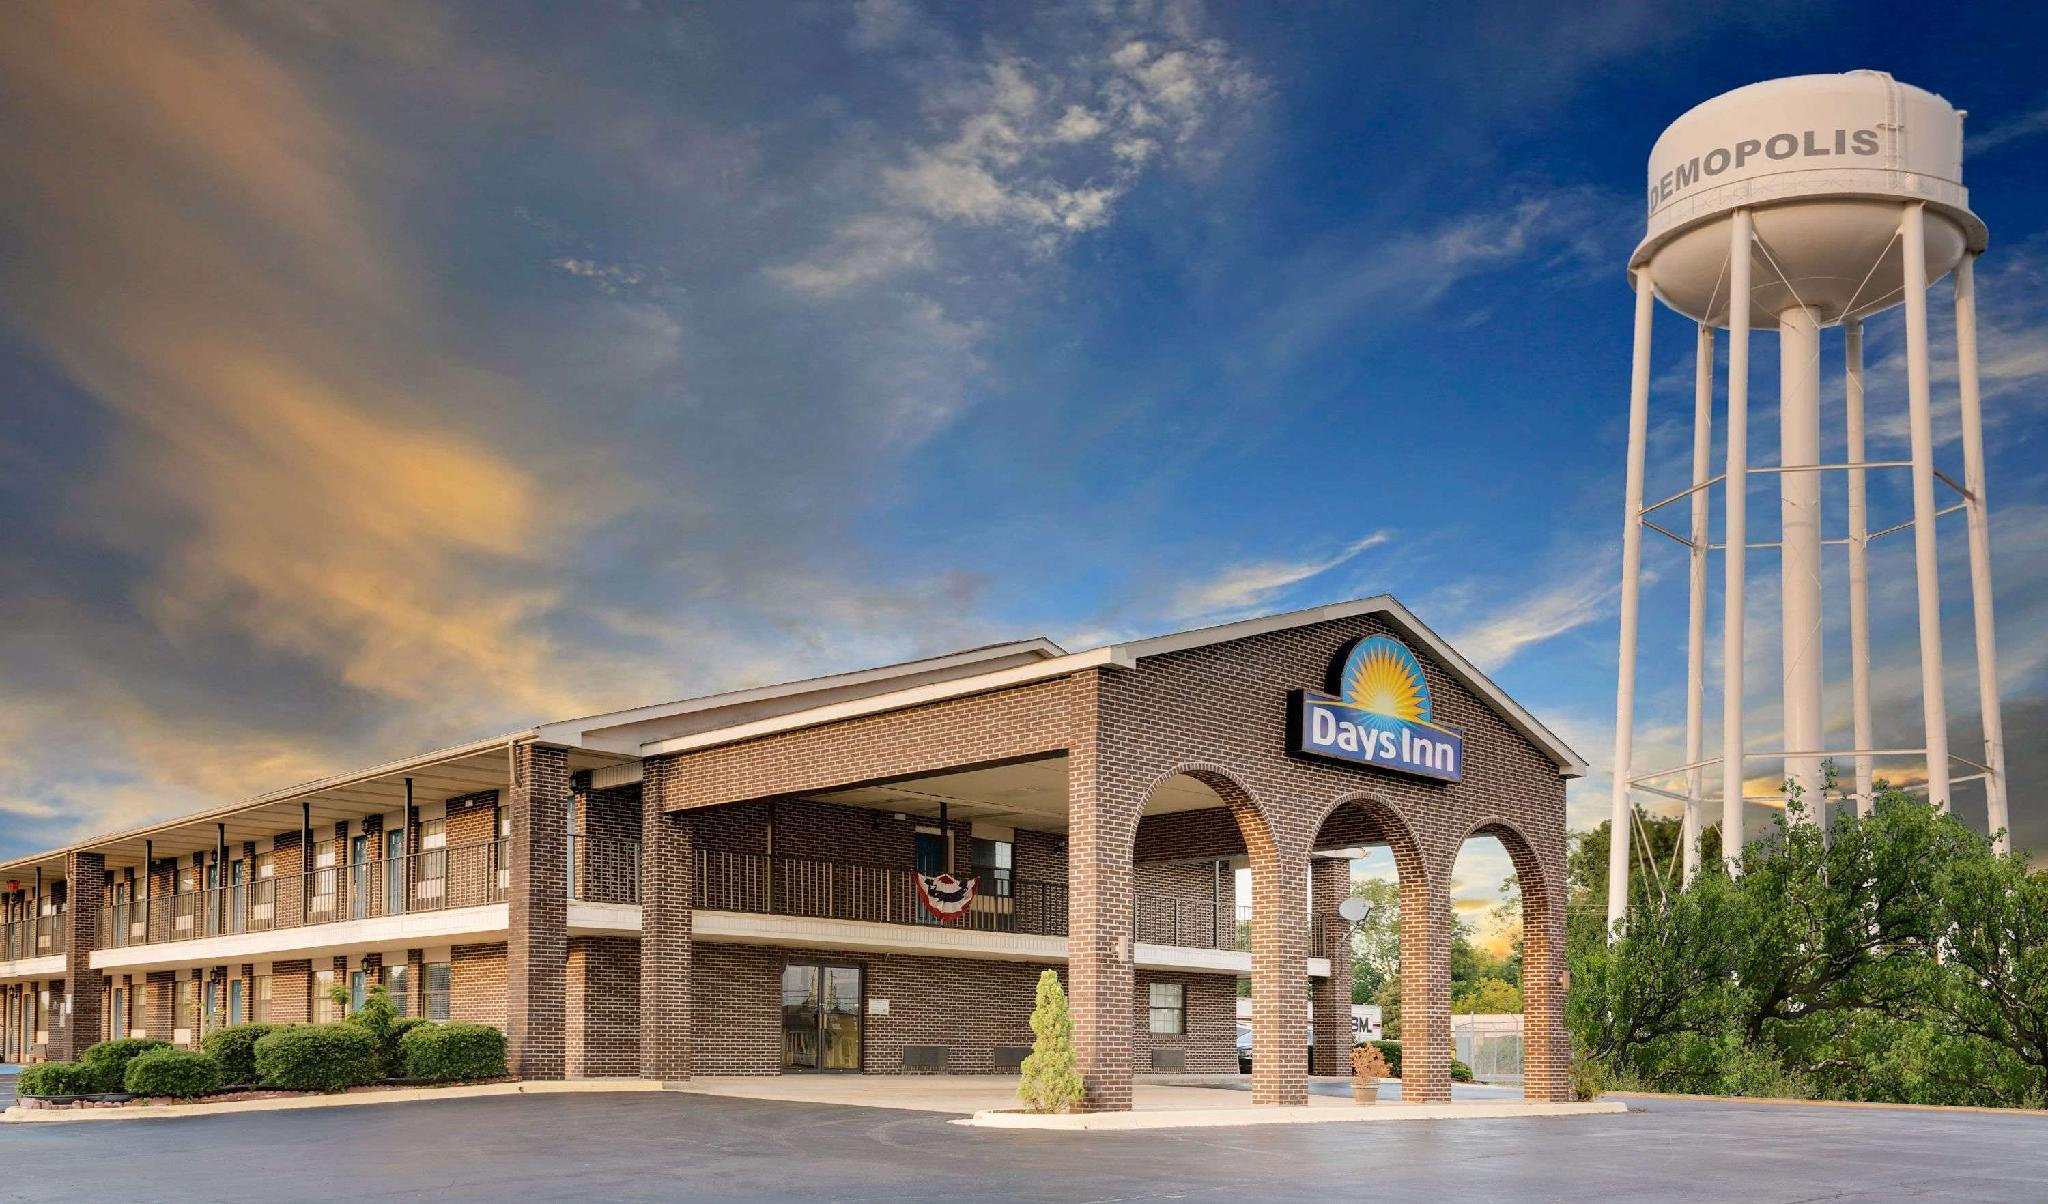 Days Inn by Wyndham Demopolis, Marengo